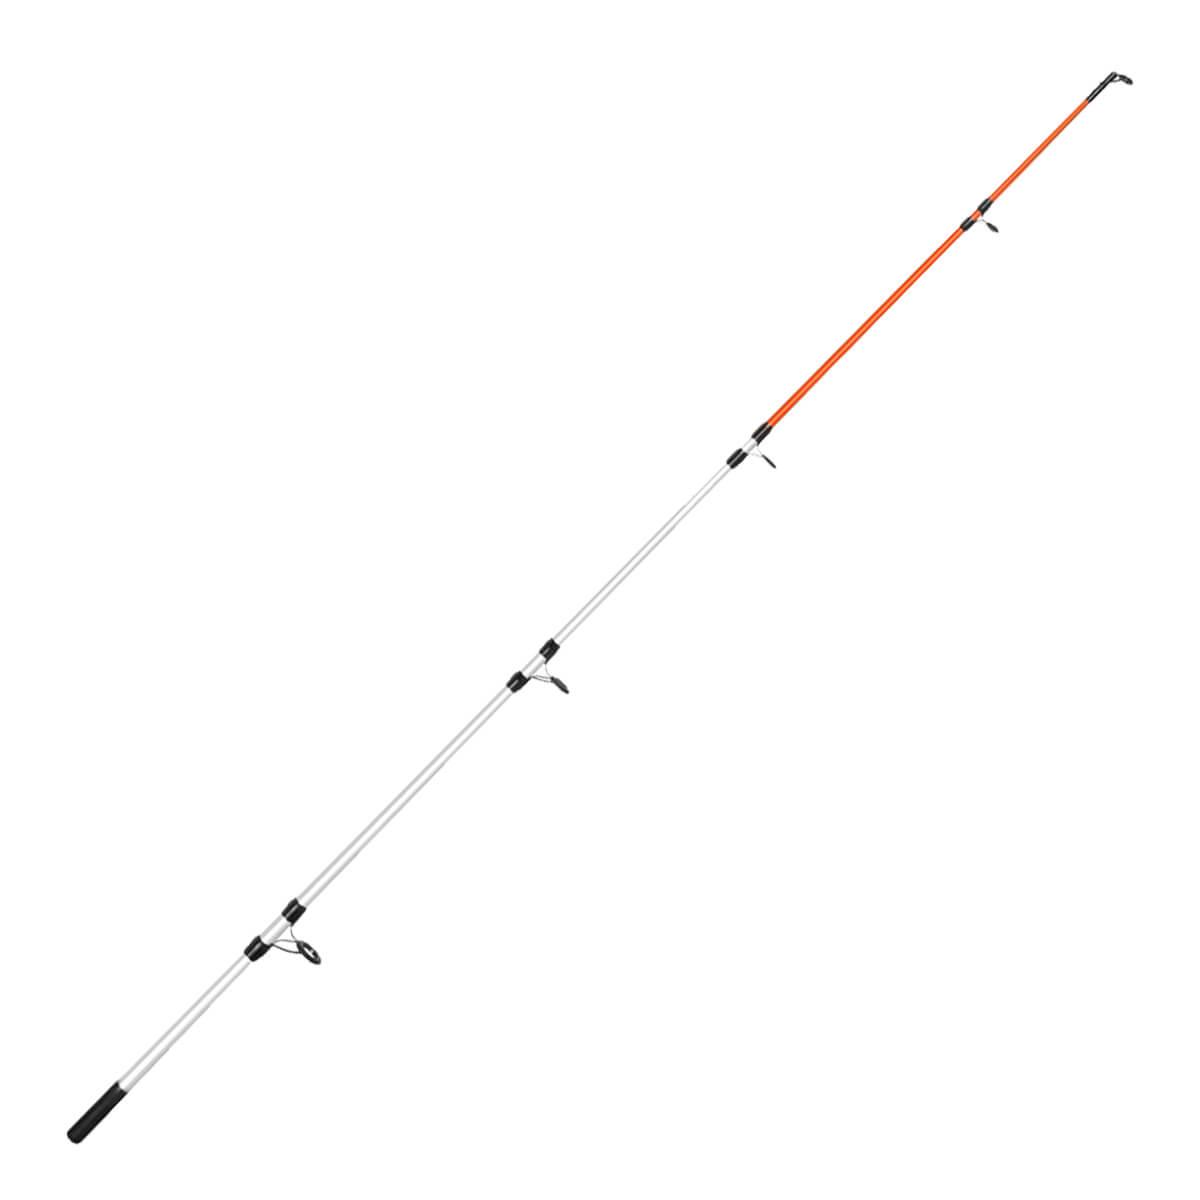 Vara Saint West Coast p/ Molinete 4,20m (3 partes)  - Pró Pesca Shop